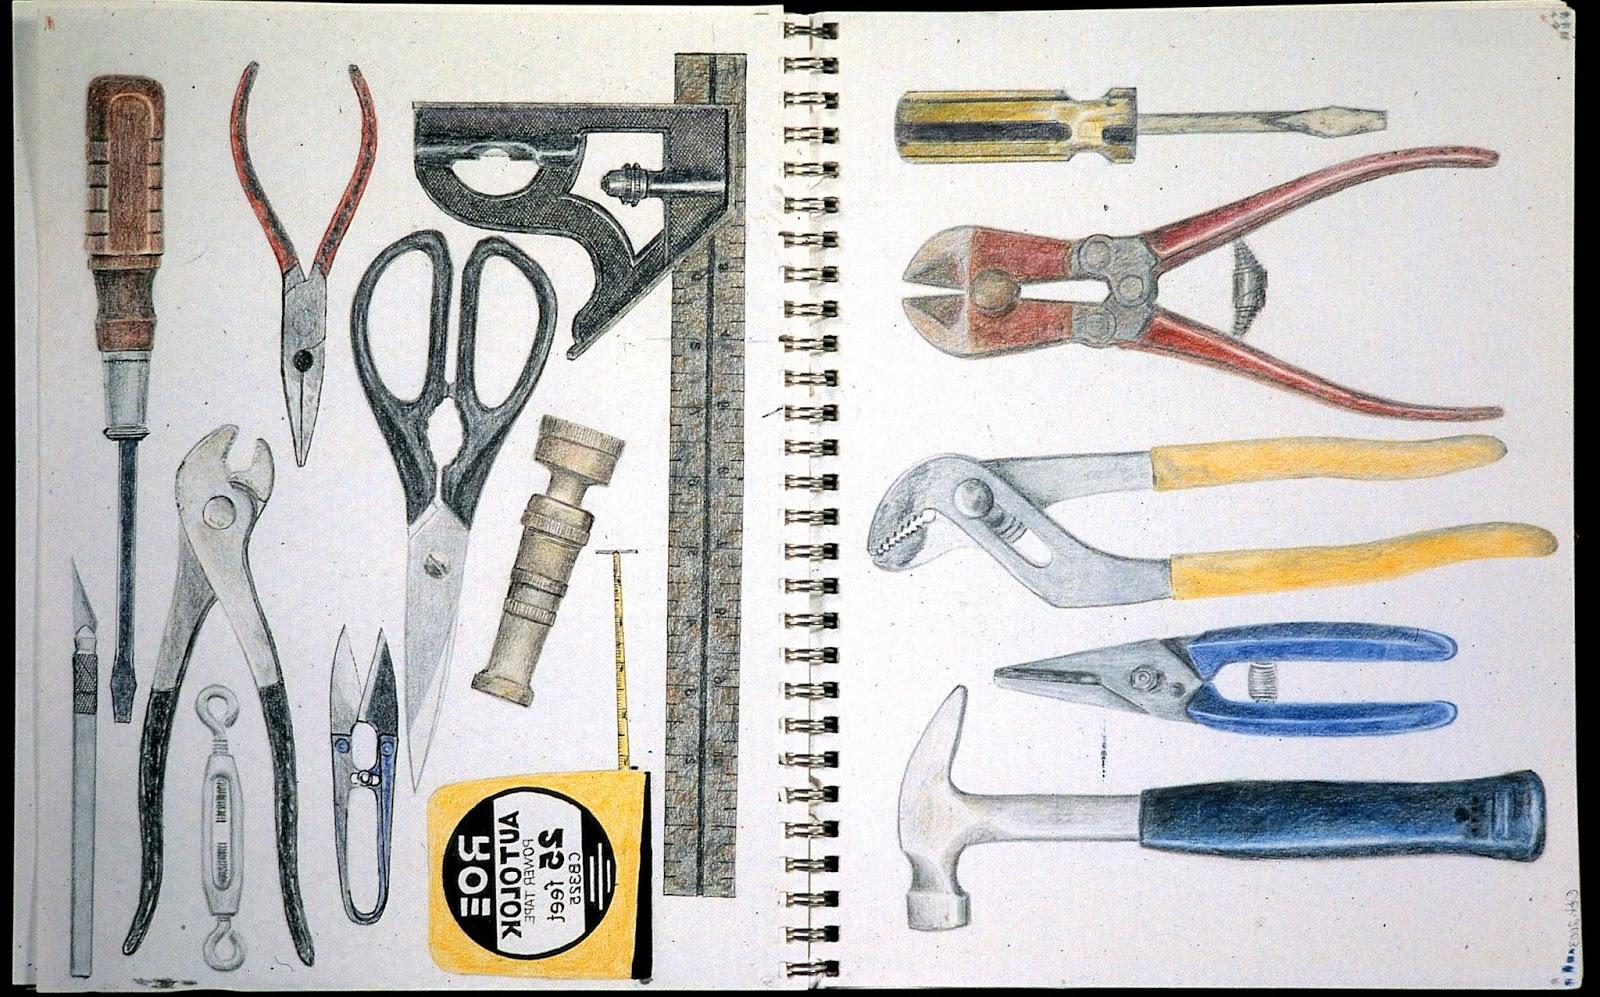 1600x997 B. J. Adams Small Art Work Hardware And Tools